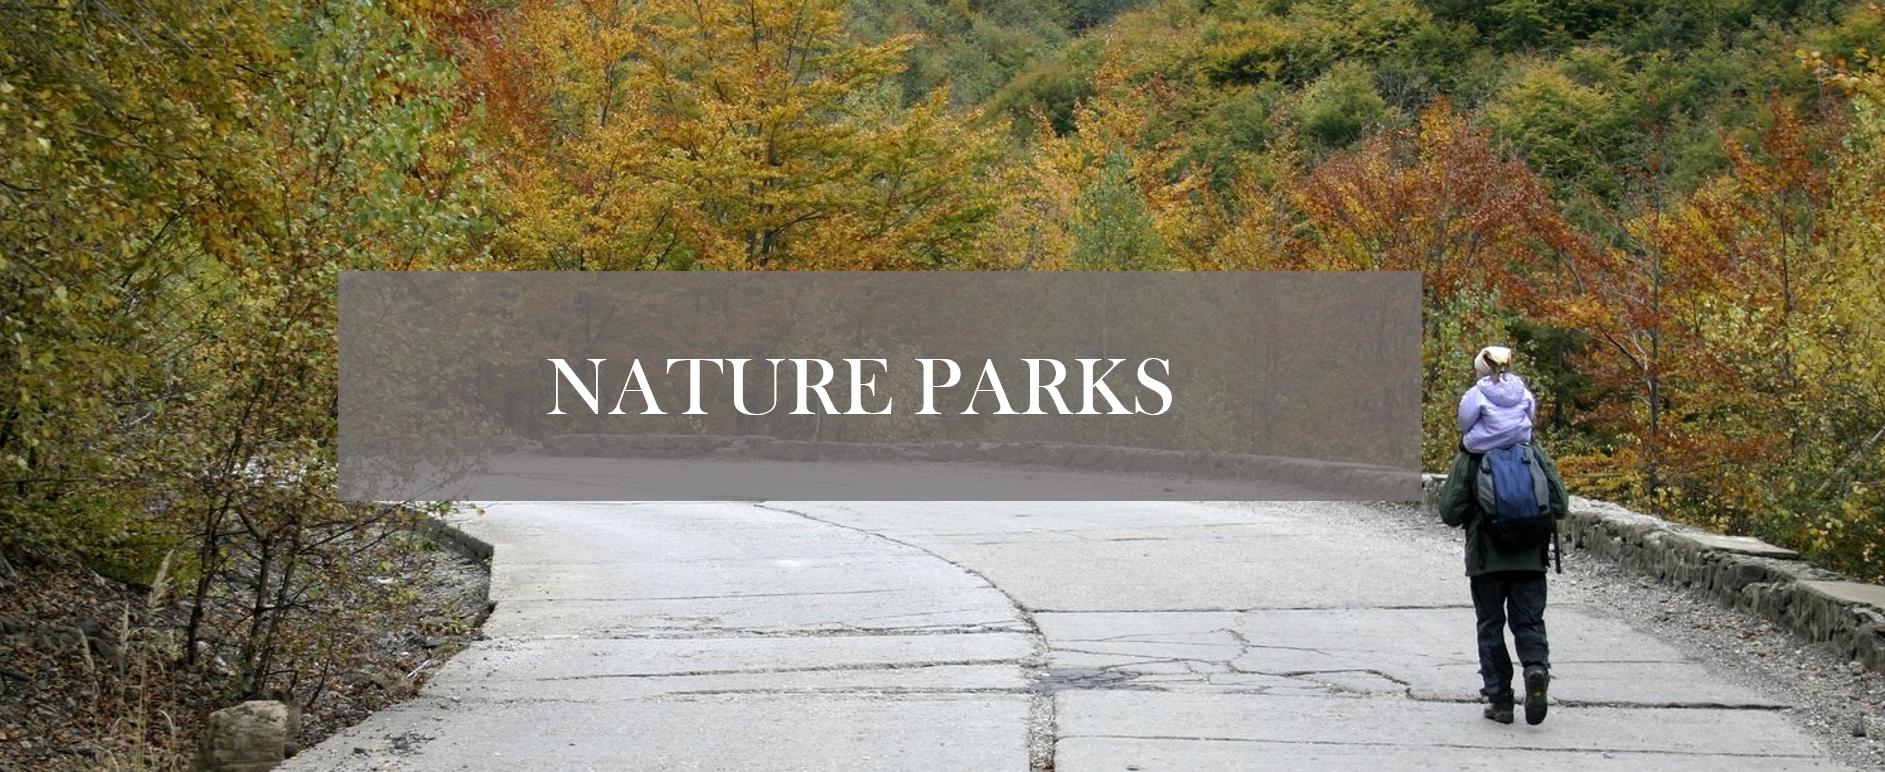 nature parks title